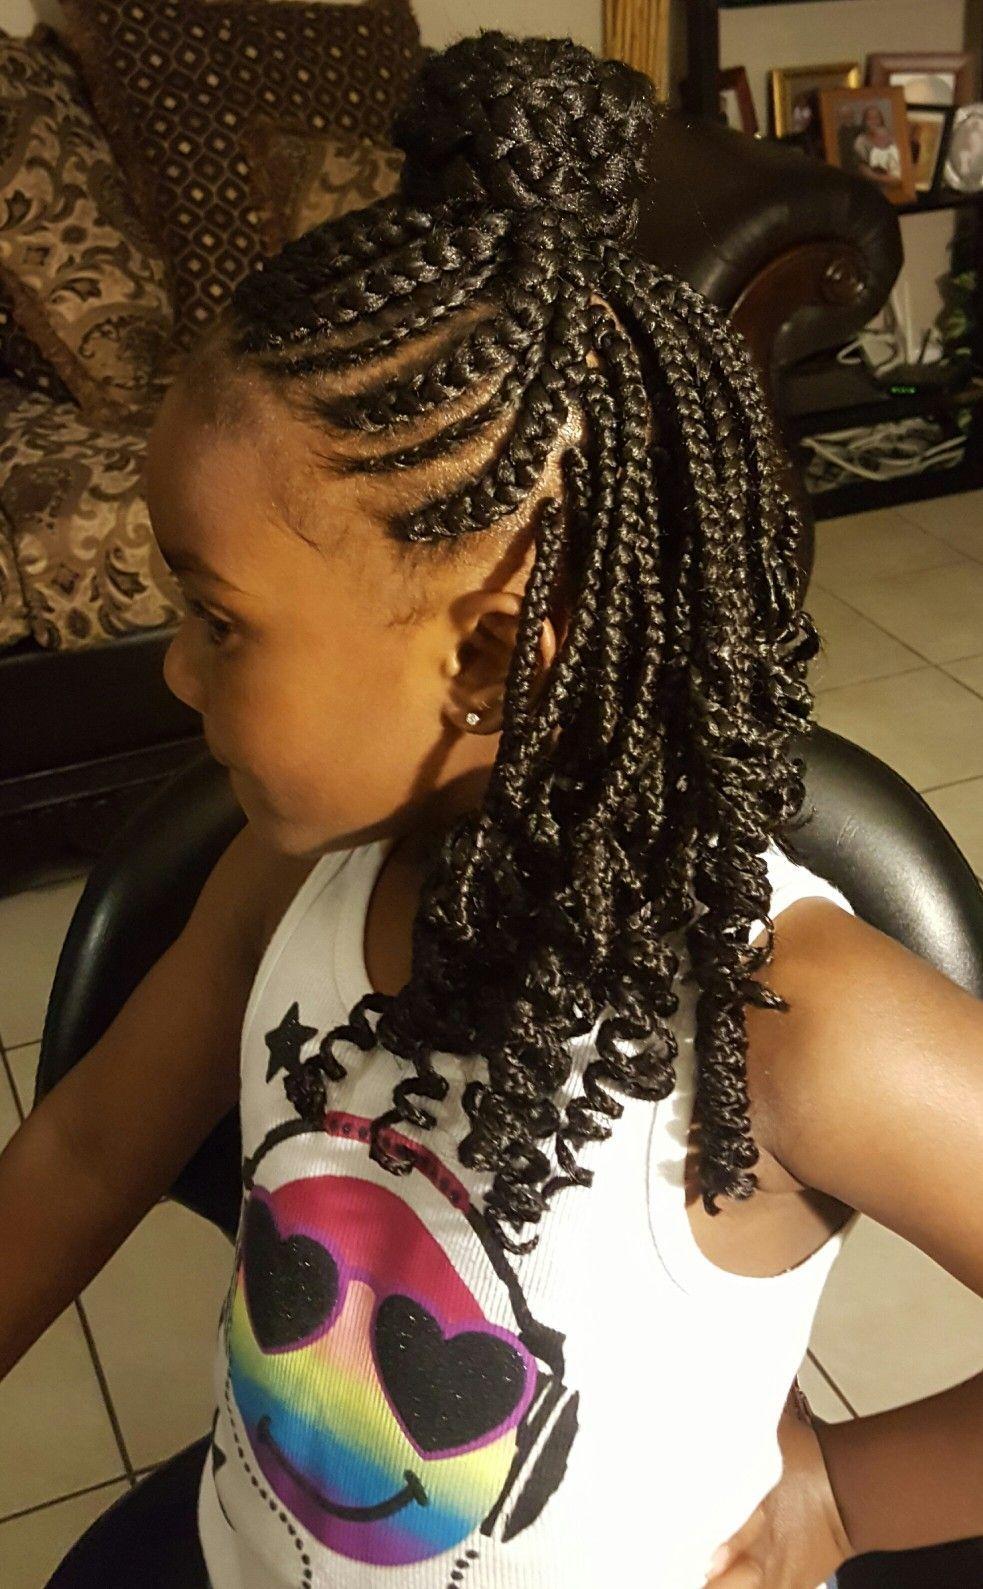 Dbafffeeaaebdbg braided hair